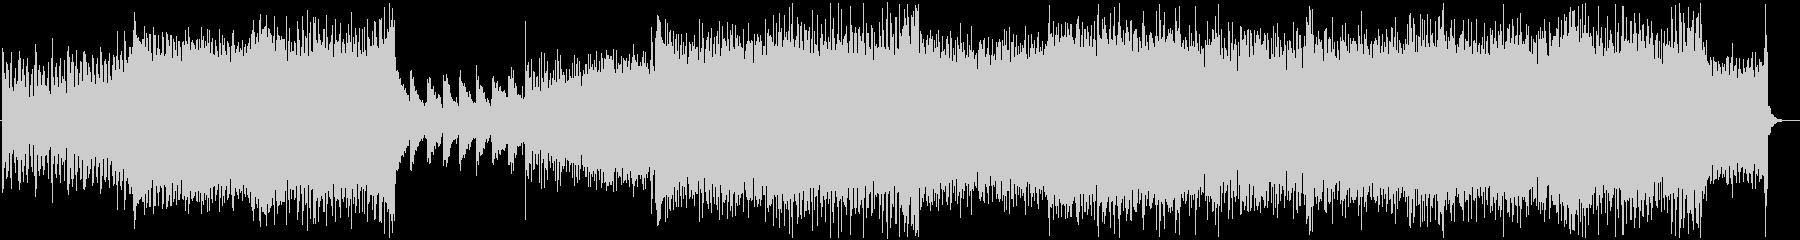 ぴこぴこサウンドなEDMの未再生の波形